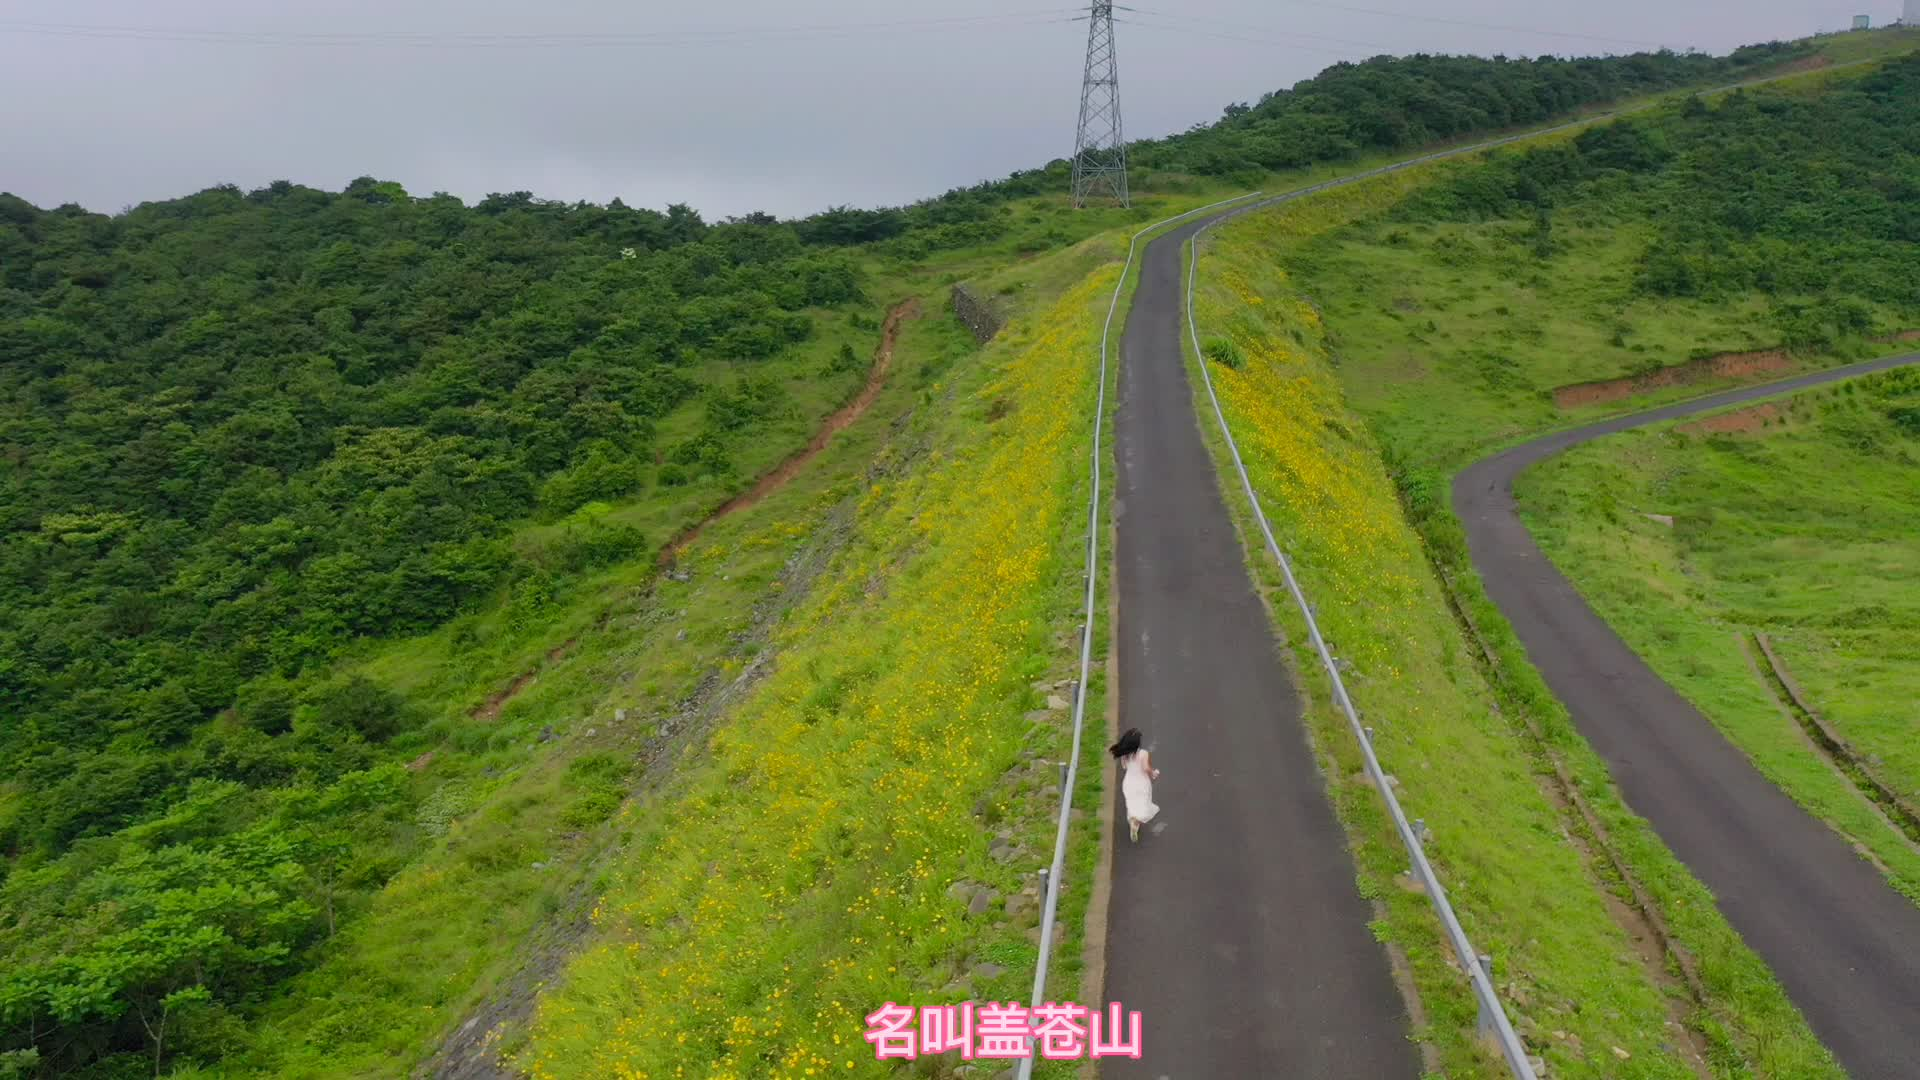 盖苍山,东海云顶风车公路,花开正好